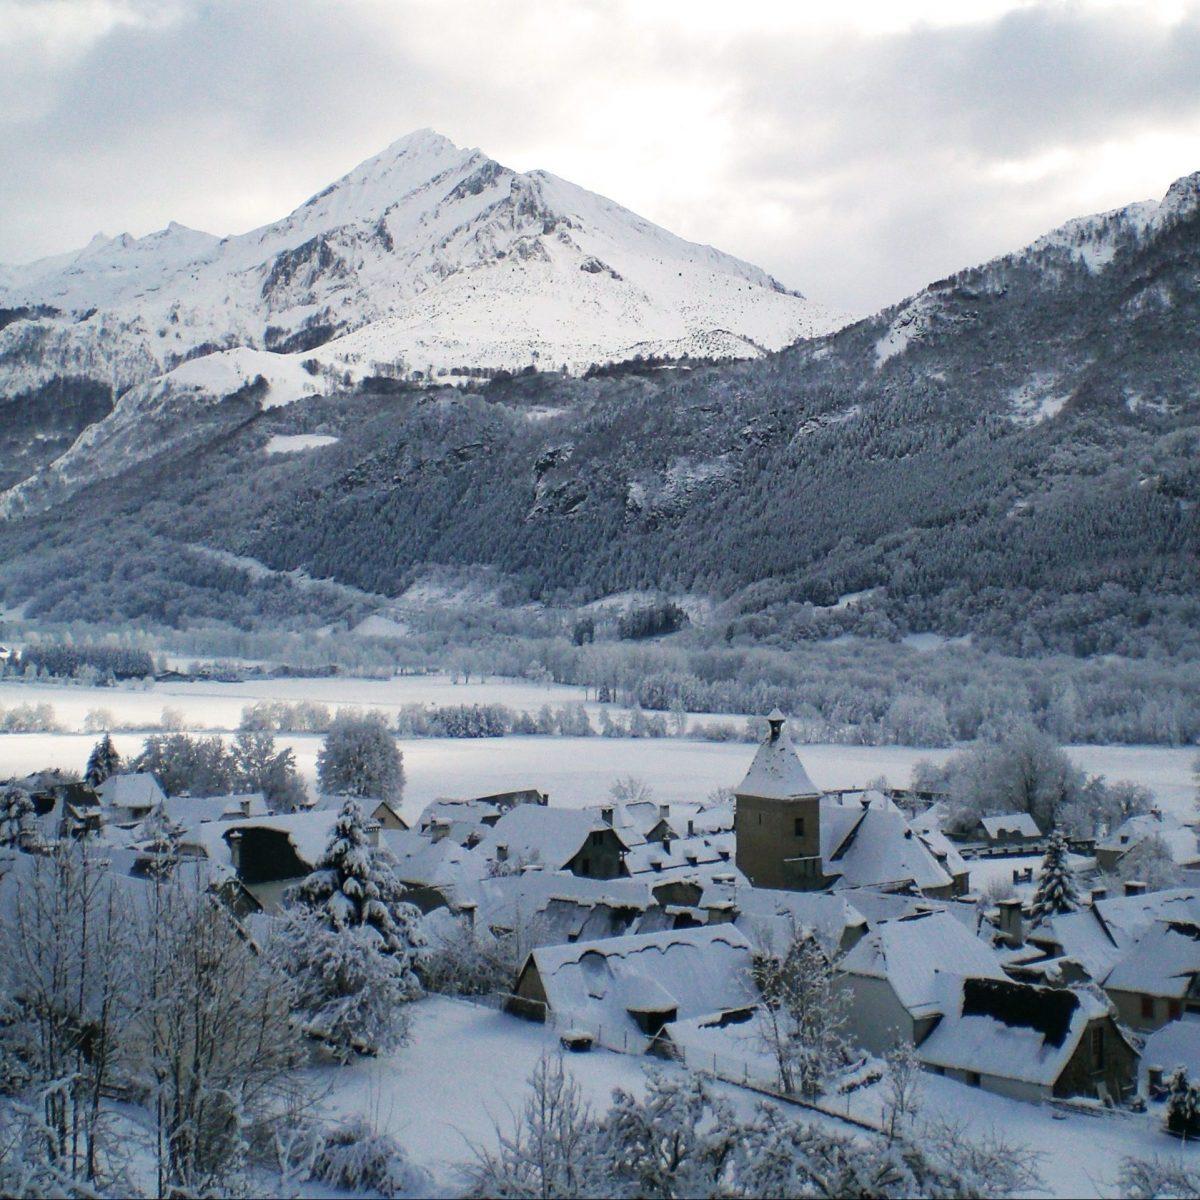 Vue sur la vallée - Hautes Pyrénées